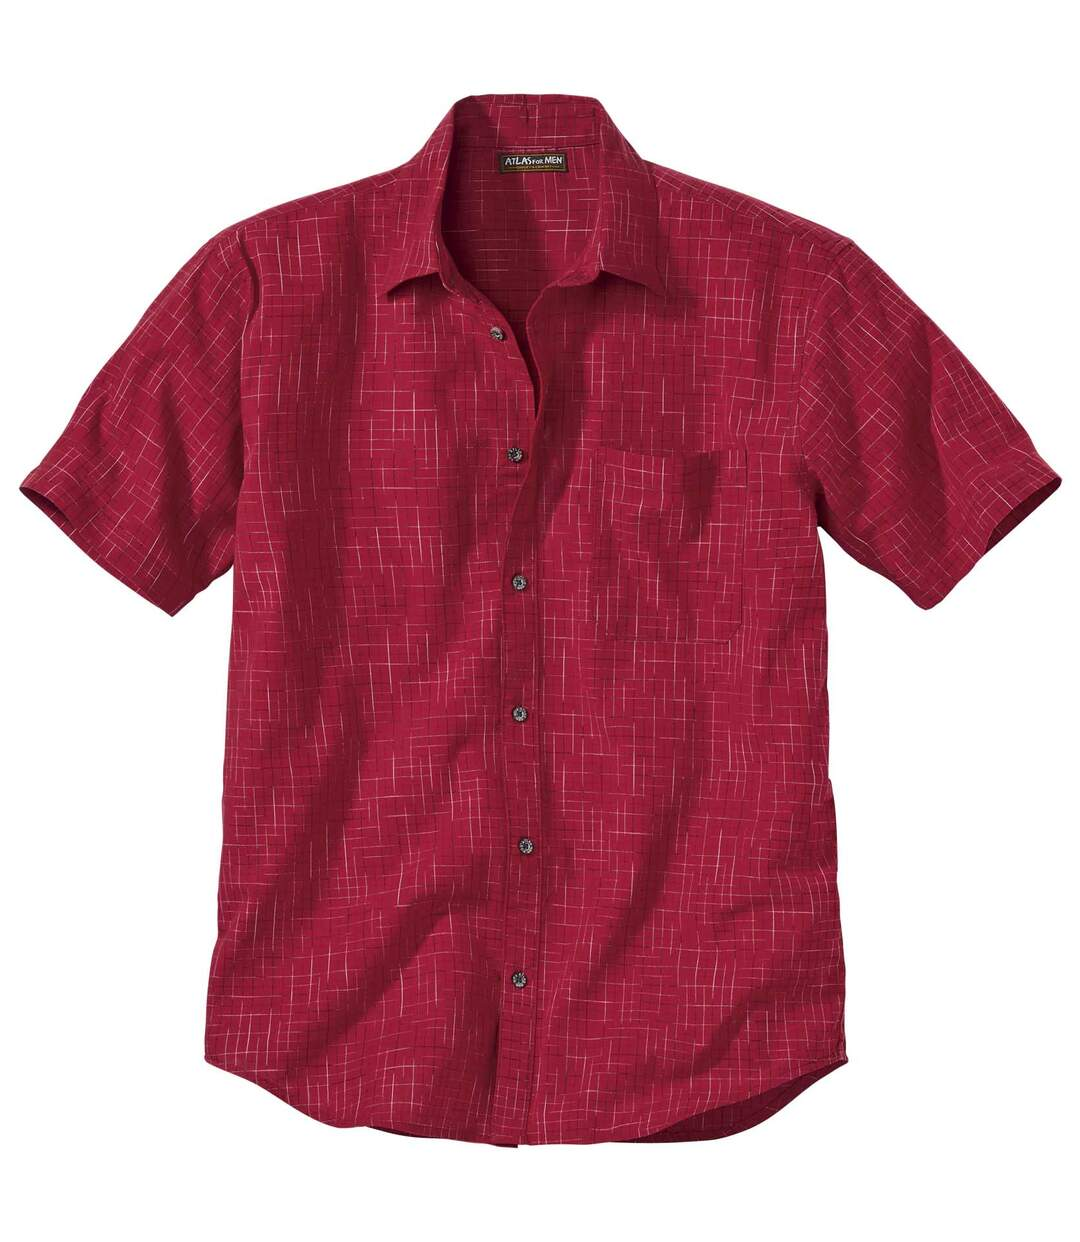 Fantazyjna popelinowa koszula